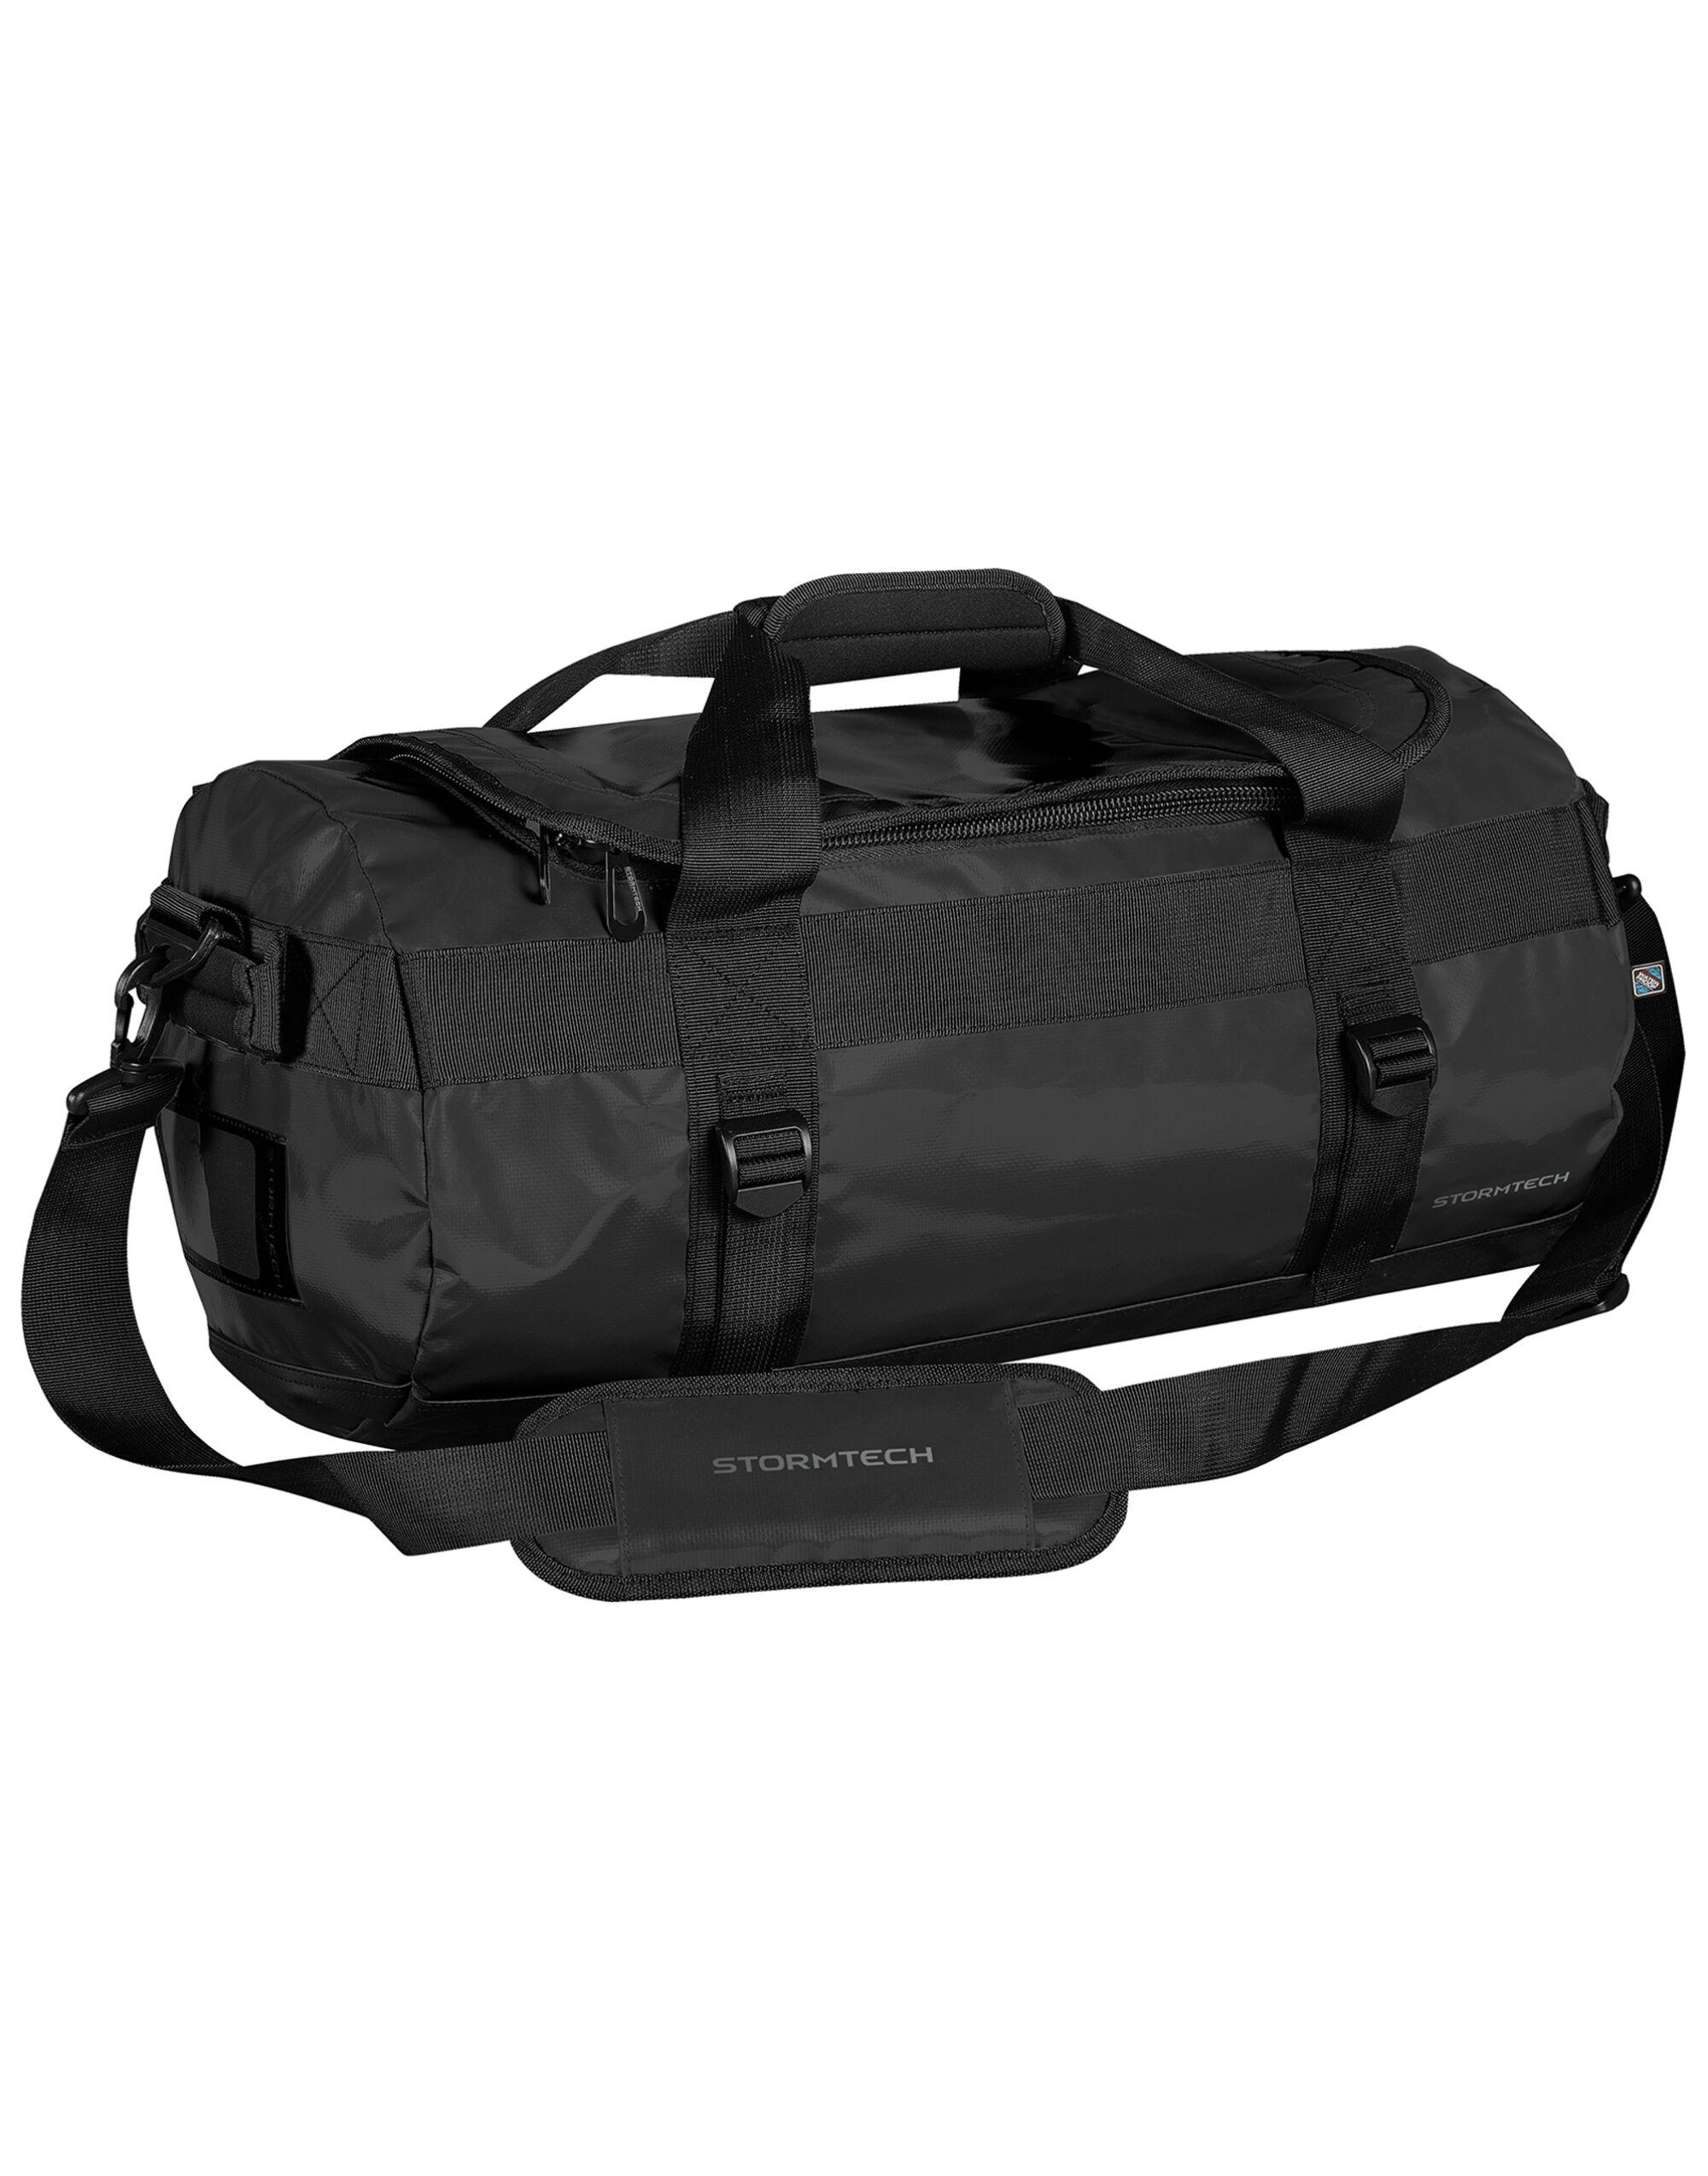 Stormtech Waterproof Gear Bag (S)